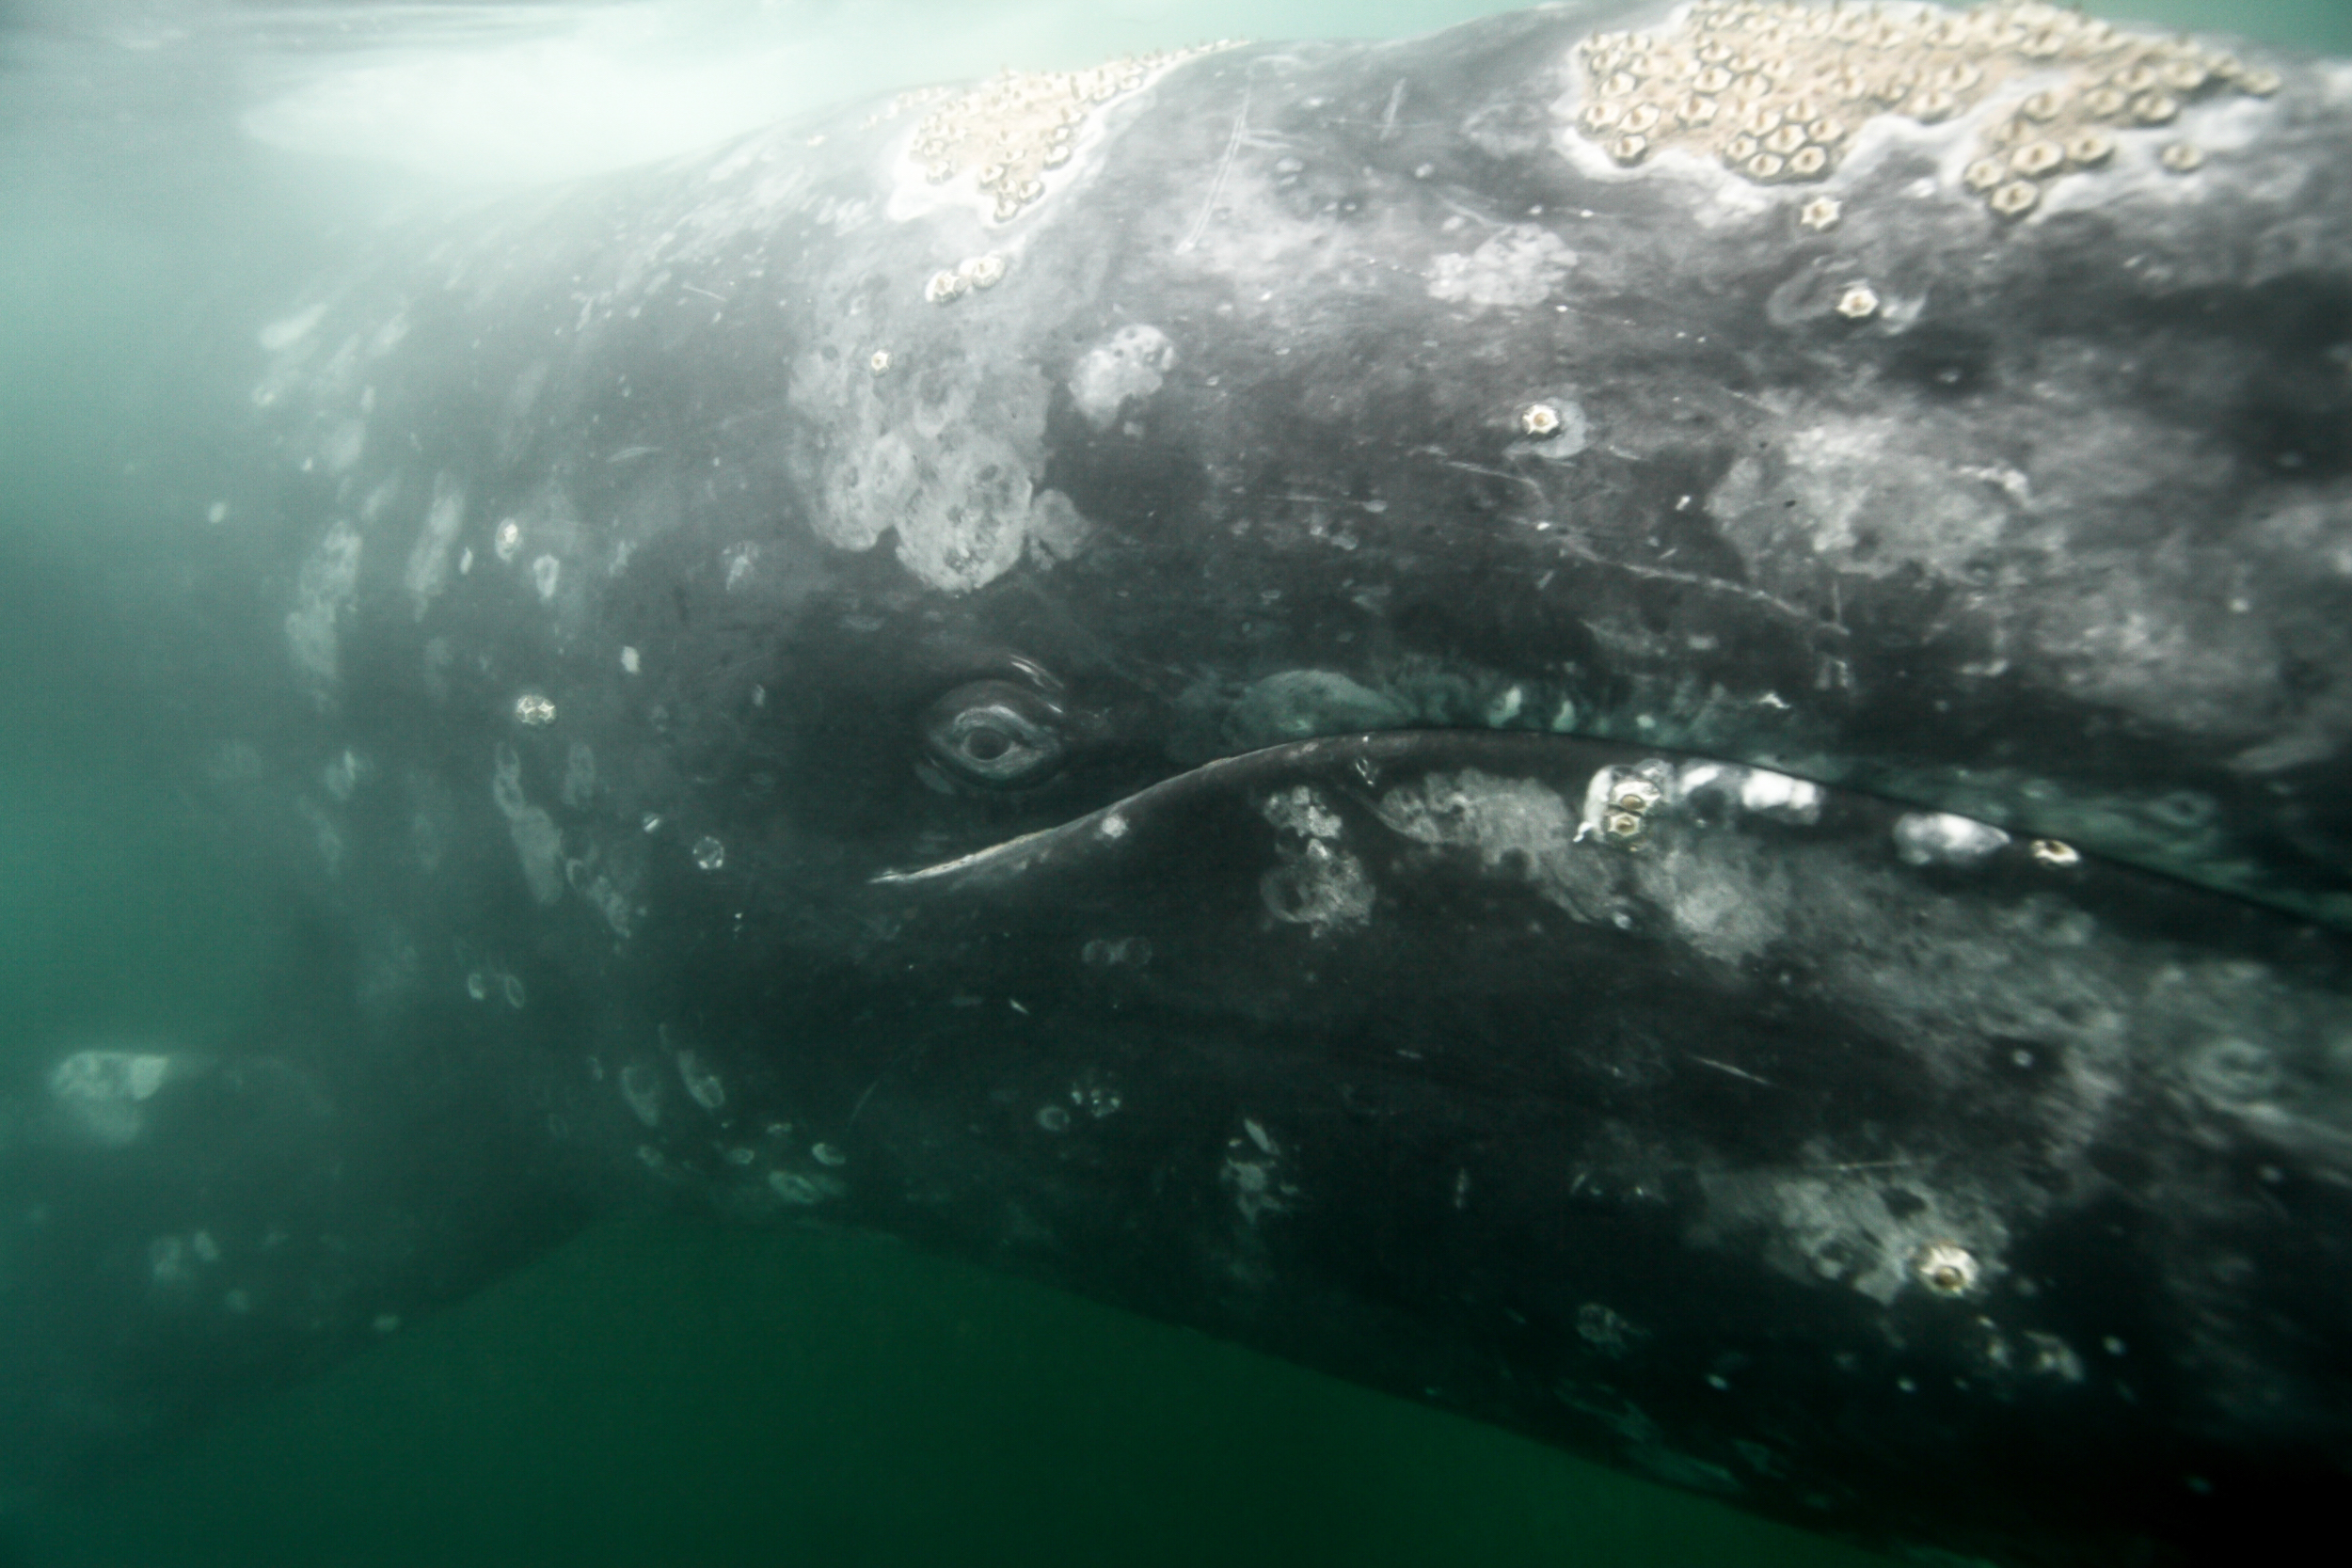 Las ballenas grises viajan alrededor de 18.000 kilómetros al año alimentándose cerca de las costas. Foto: Oceana.